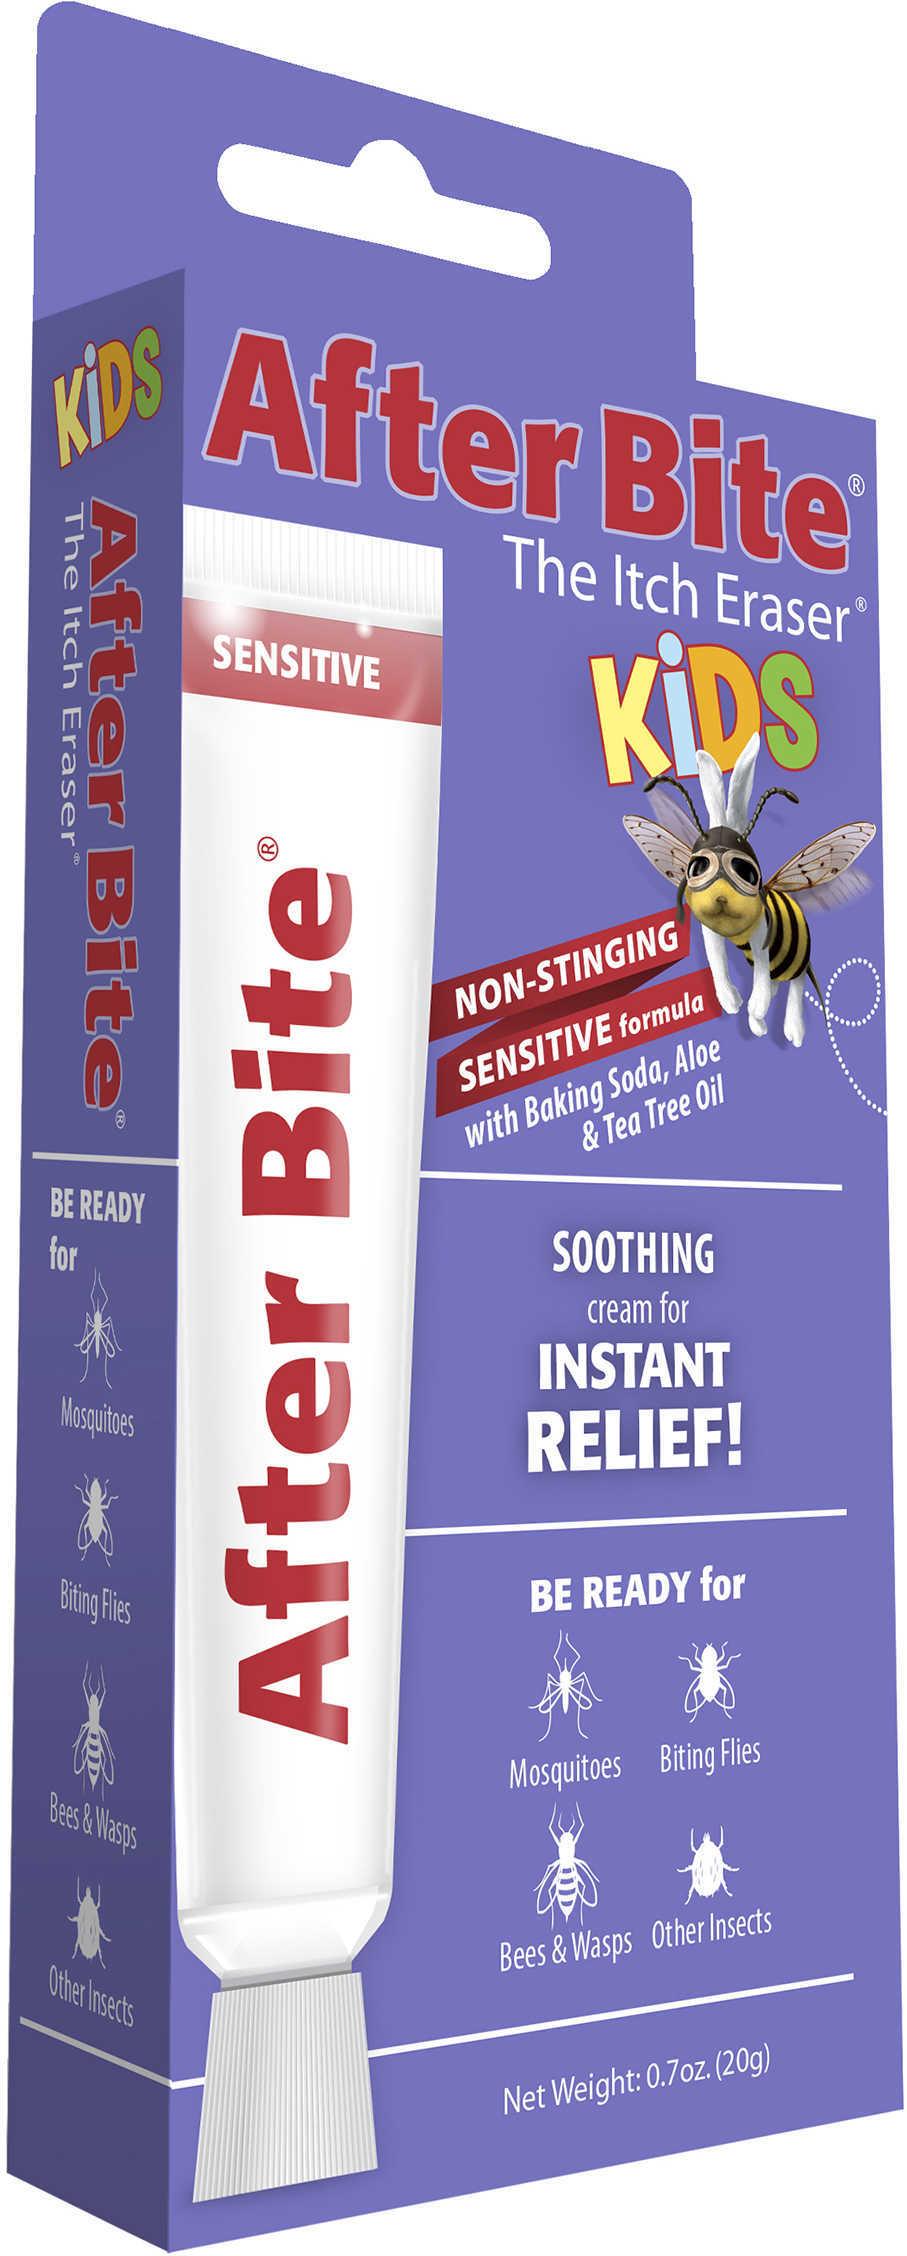 Adventure Medical Kits 00061280 After Bite Kids 0.08 Oz